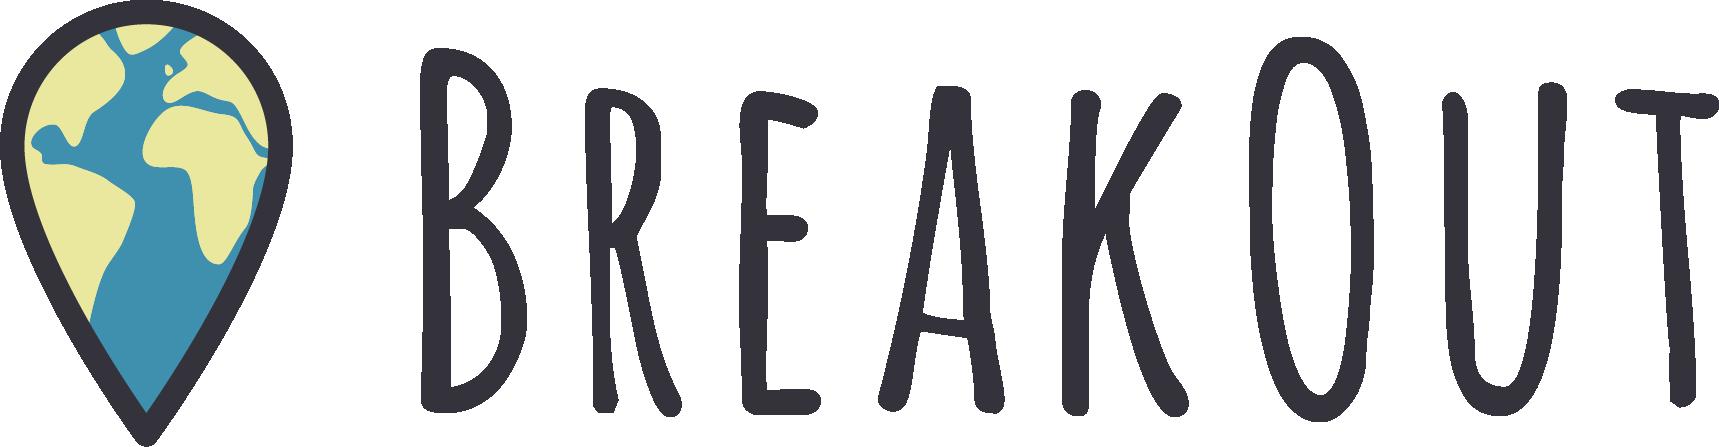 BreakOut-Logo